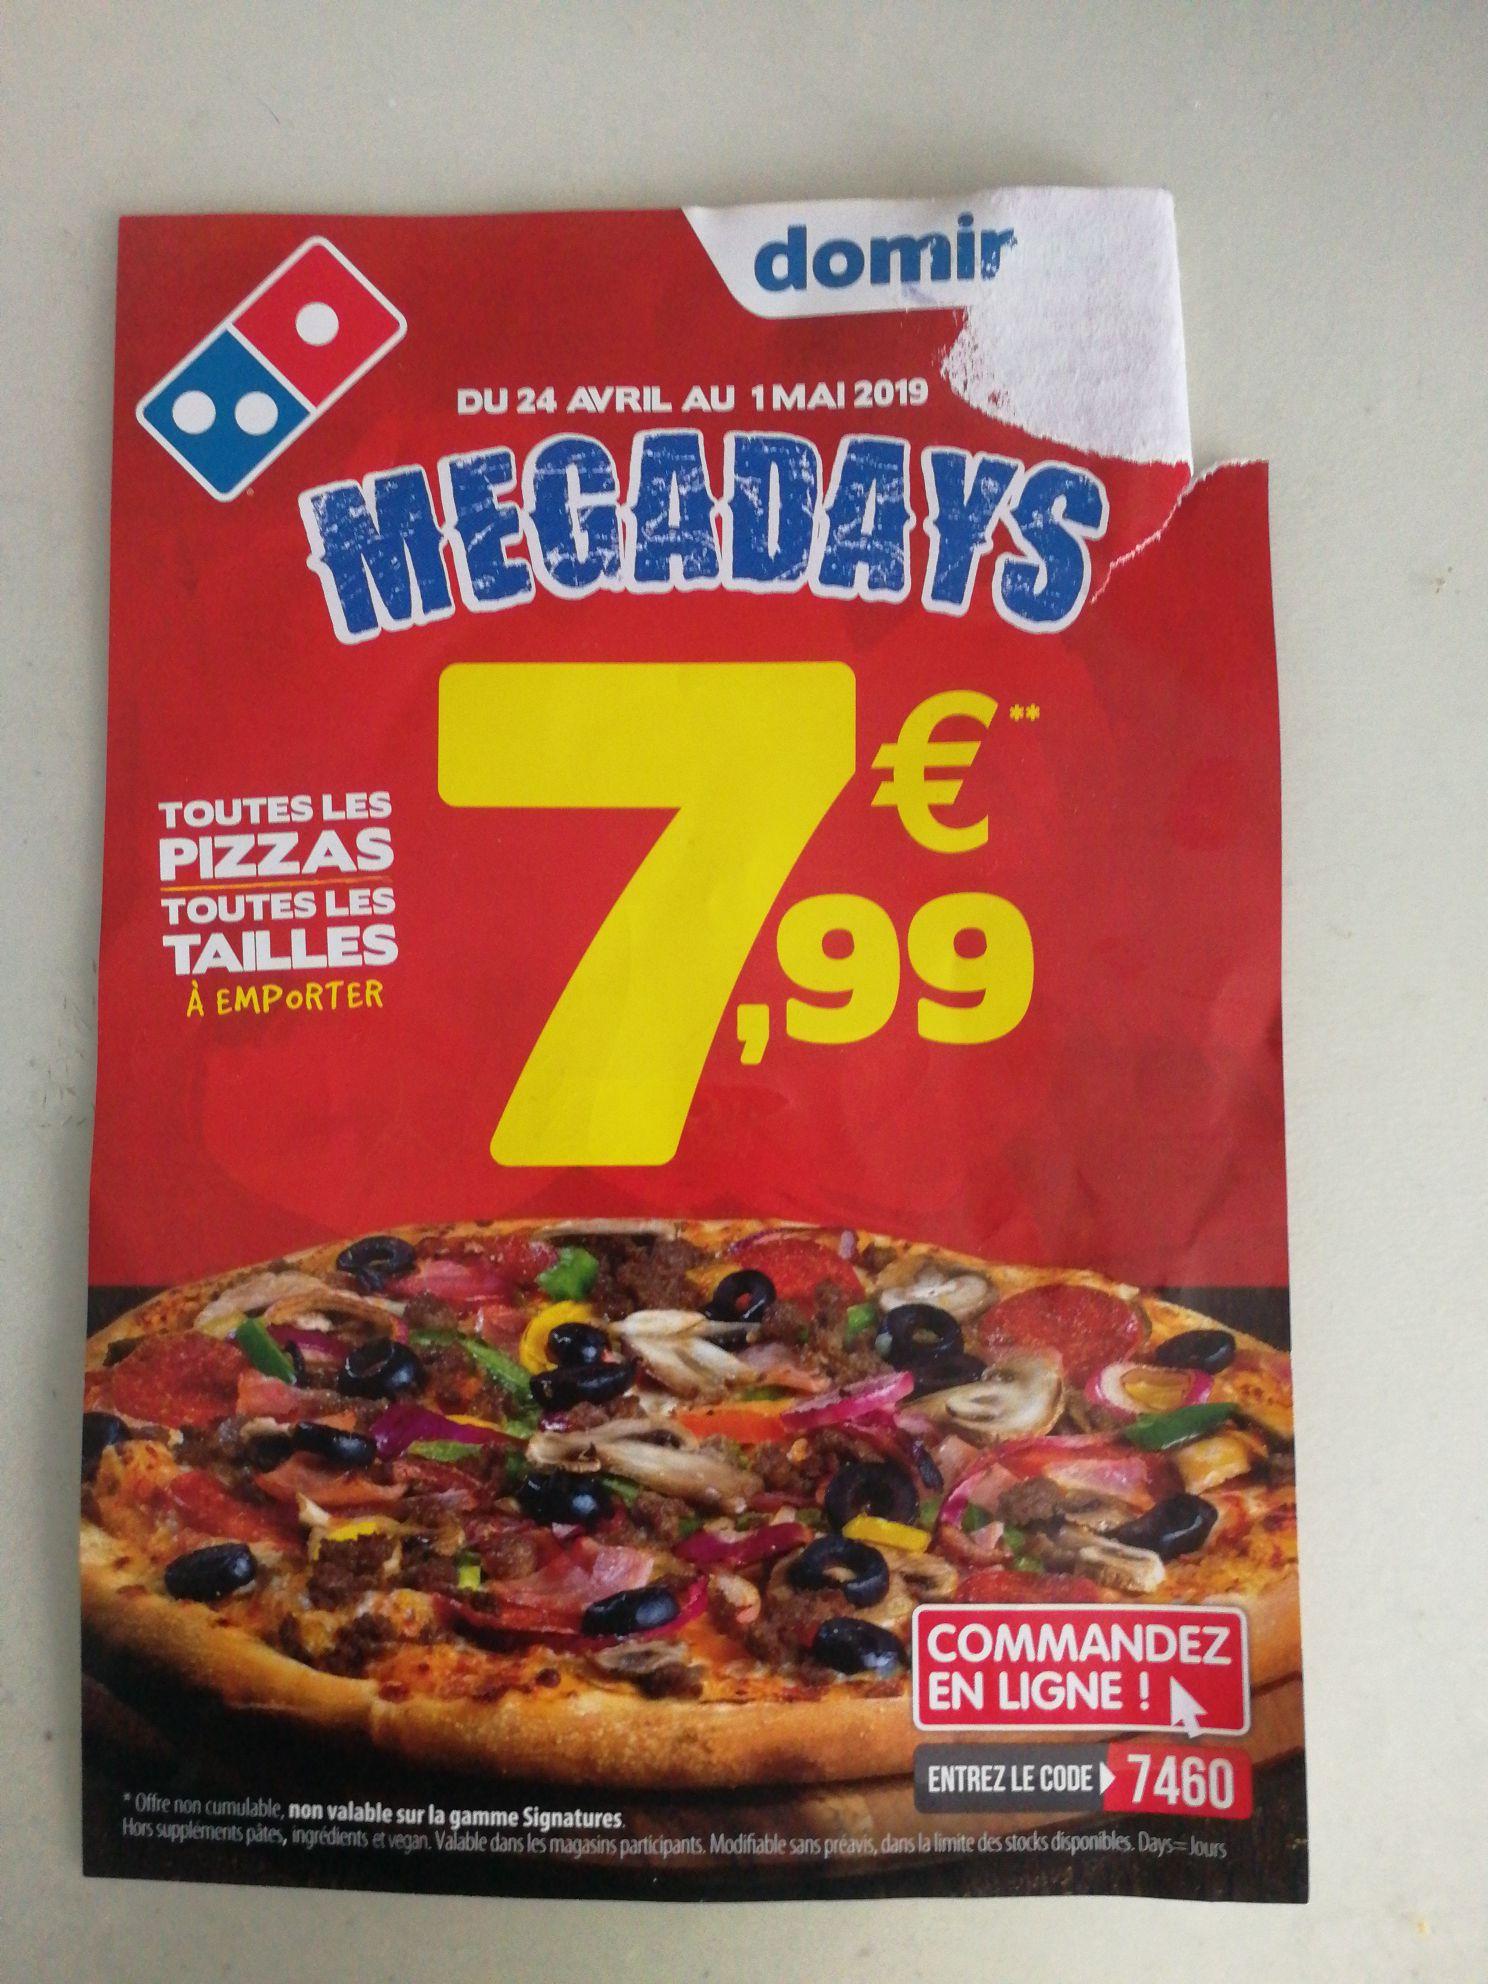 Toutes les pizzas toutes les tailles à 7,99€ (sauf signature) - Sucy-en-Brie et Chennevières-sur-Marne (94)